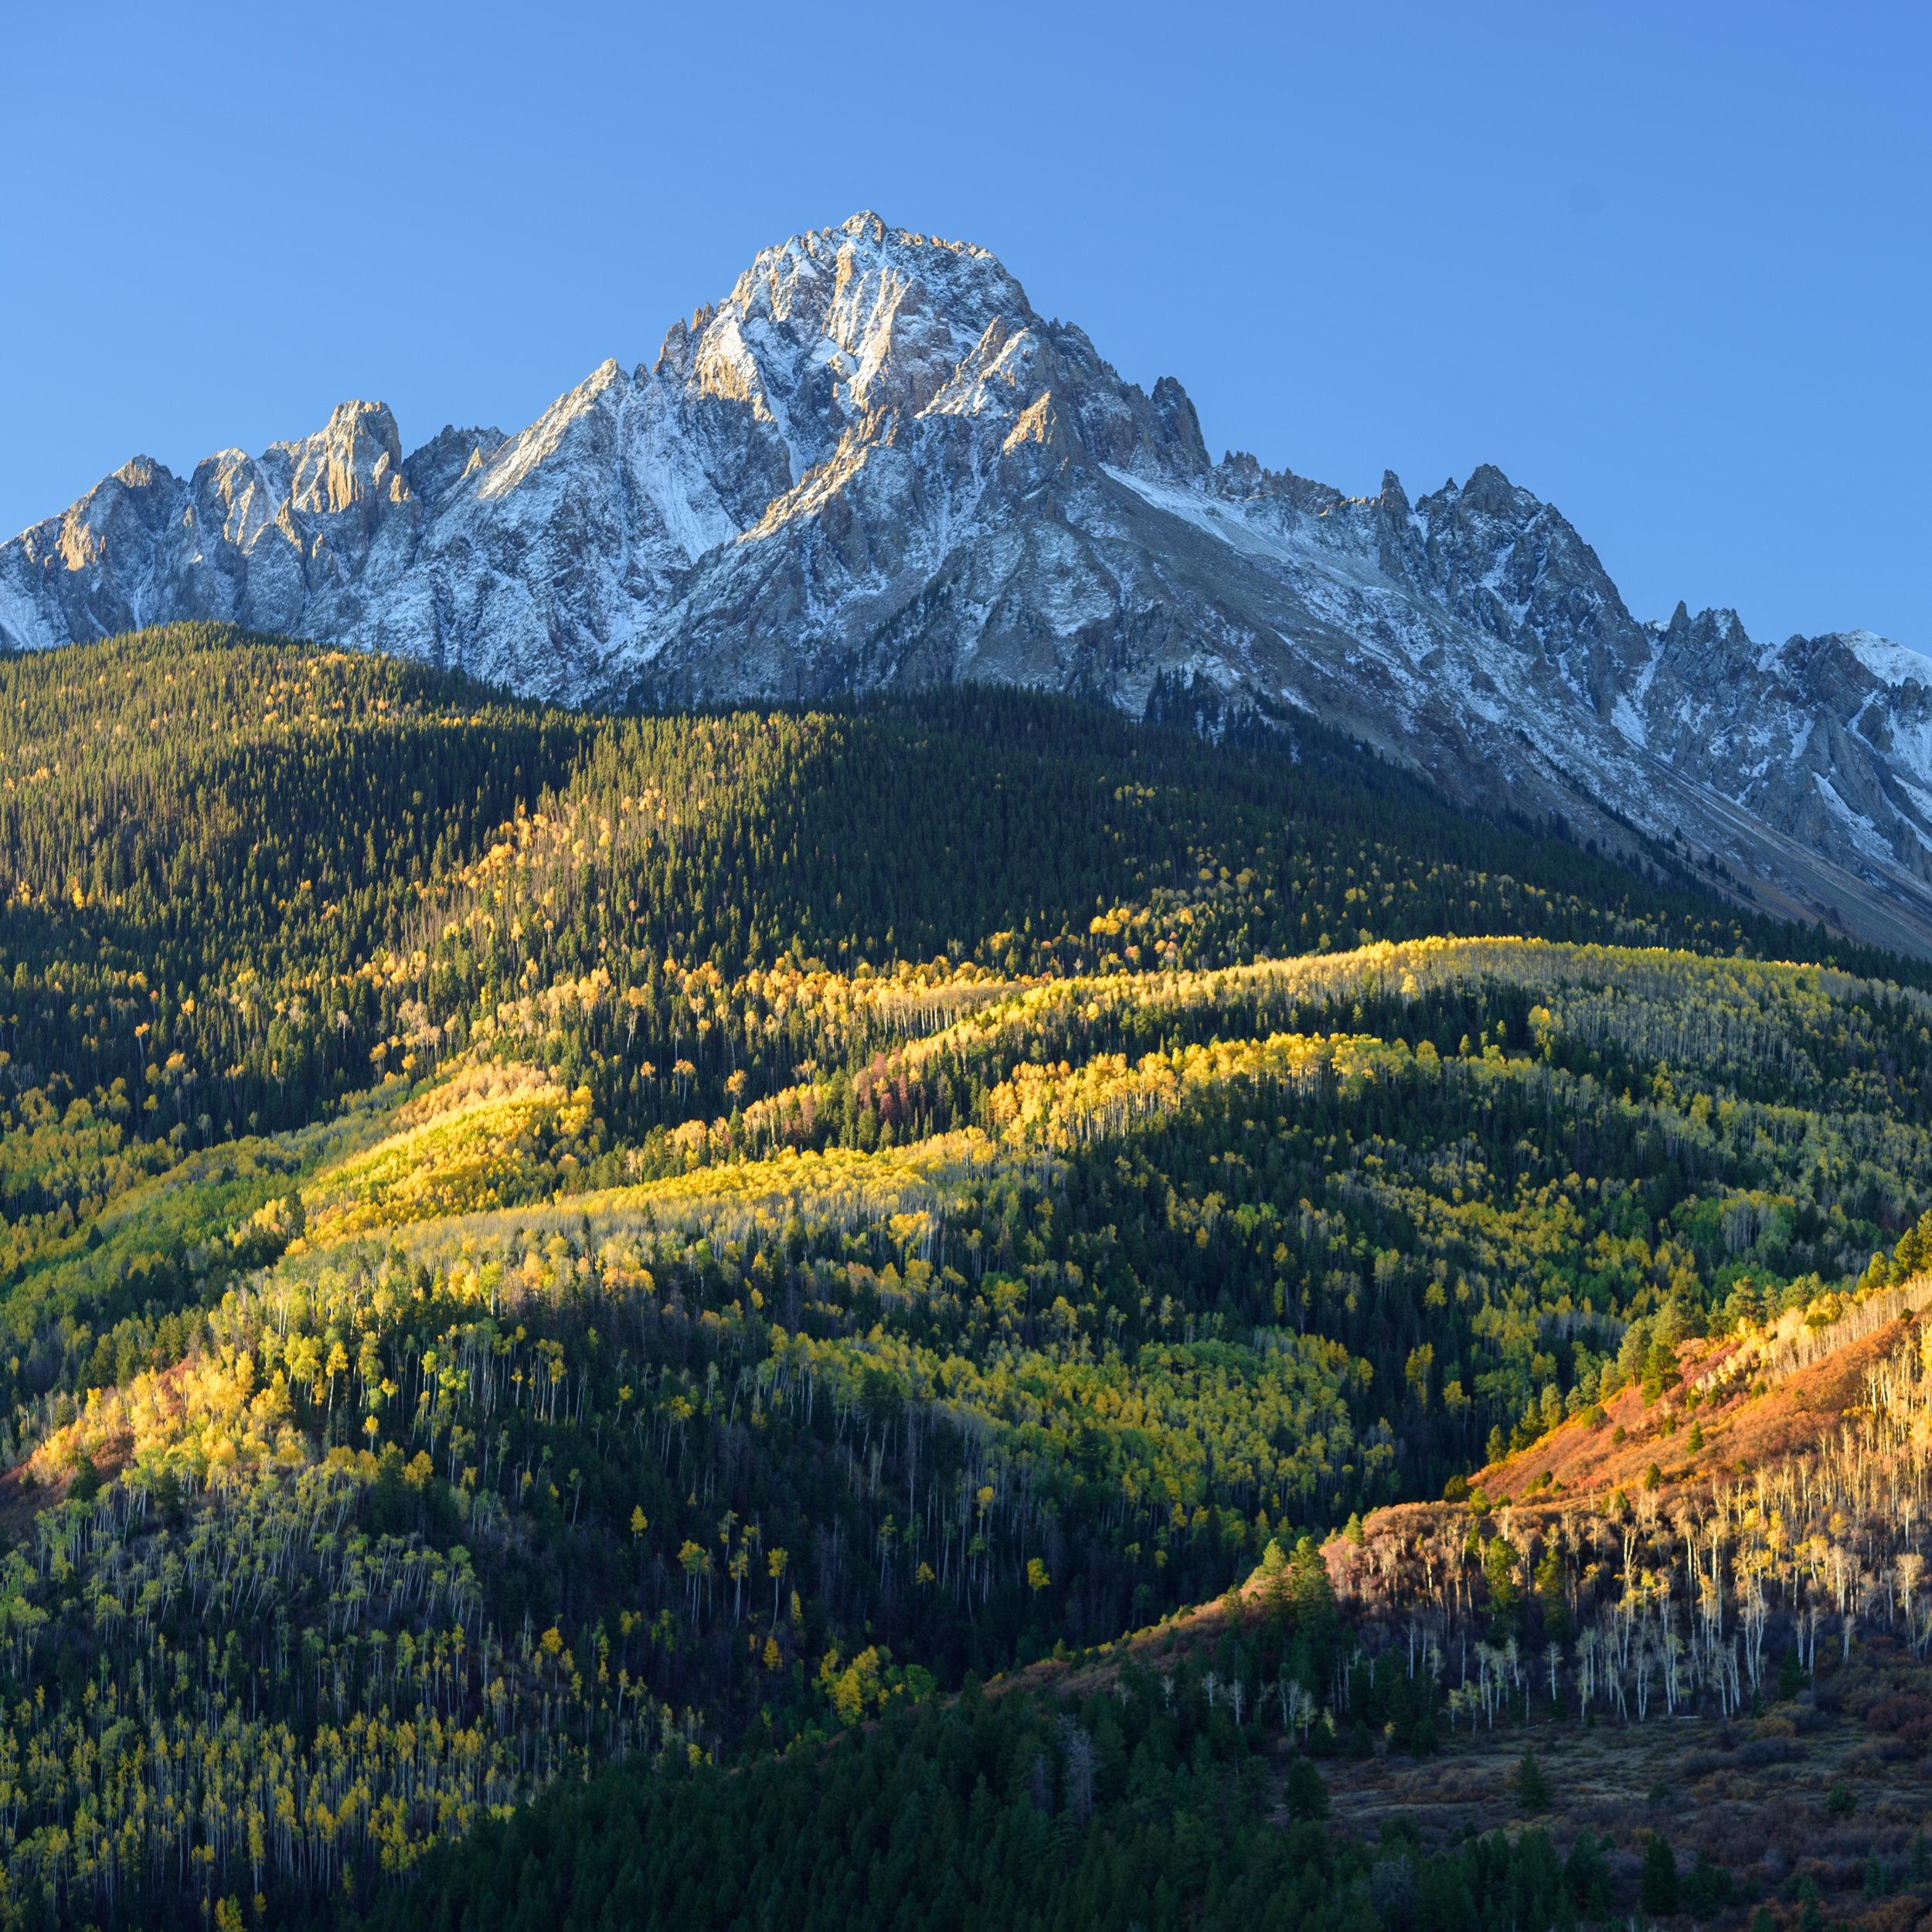 Tims-Colorado-2.jpg